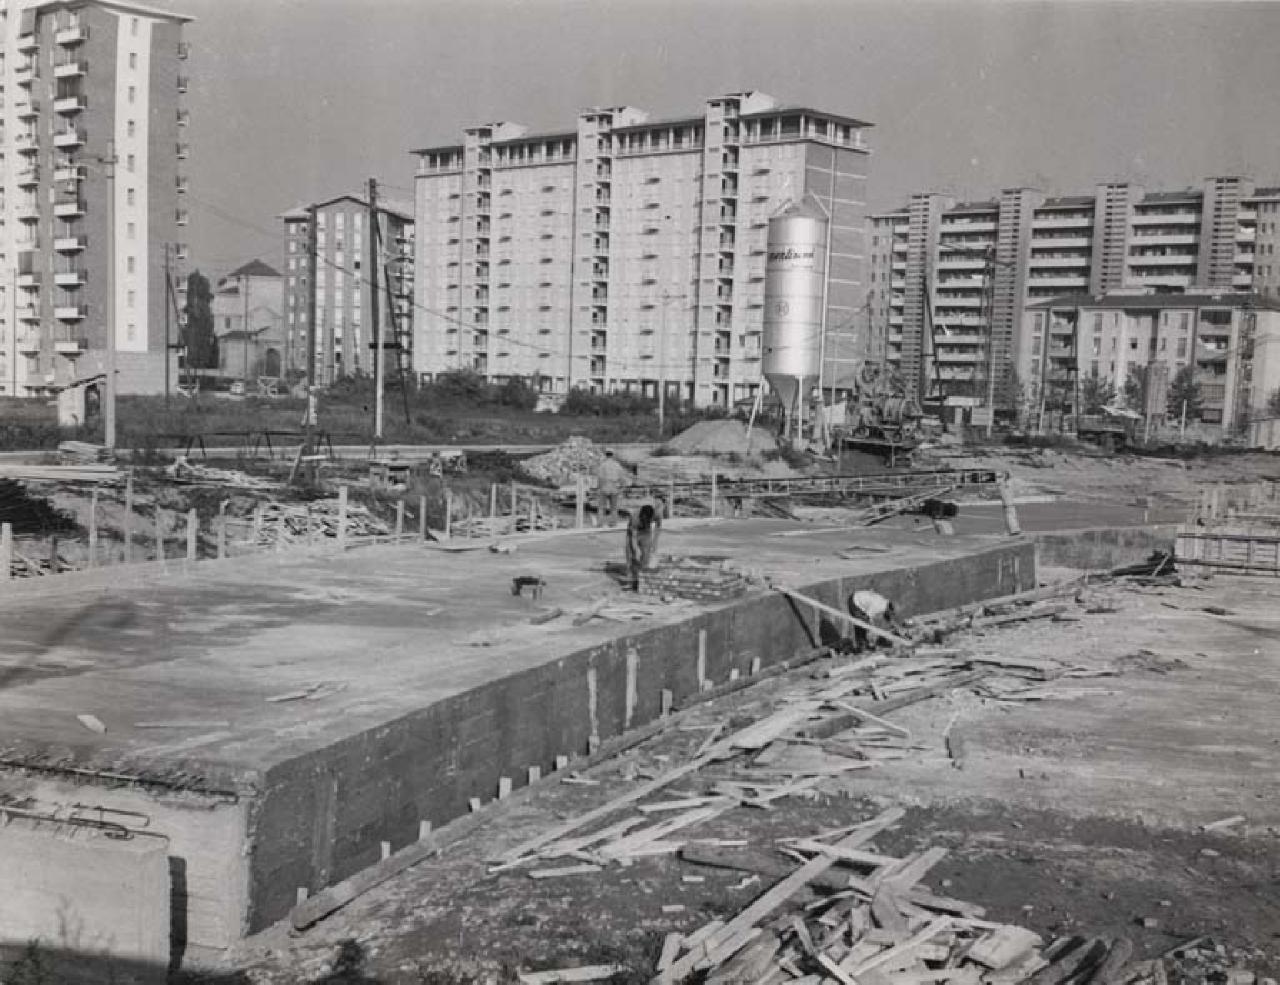 Operai impegnati nella copertura del fiume Olona a ridosso del quartiere QT8